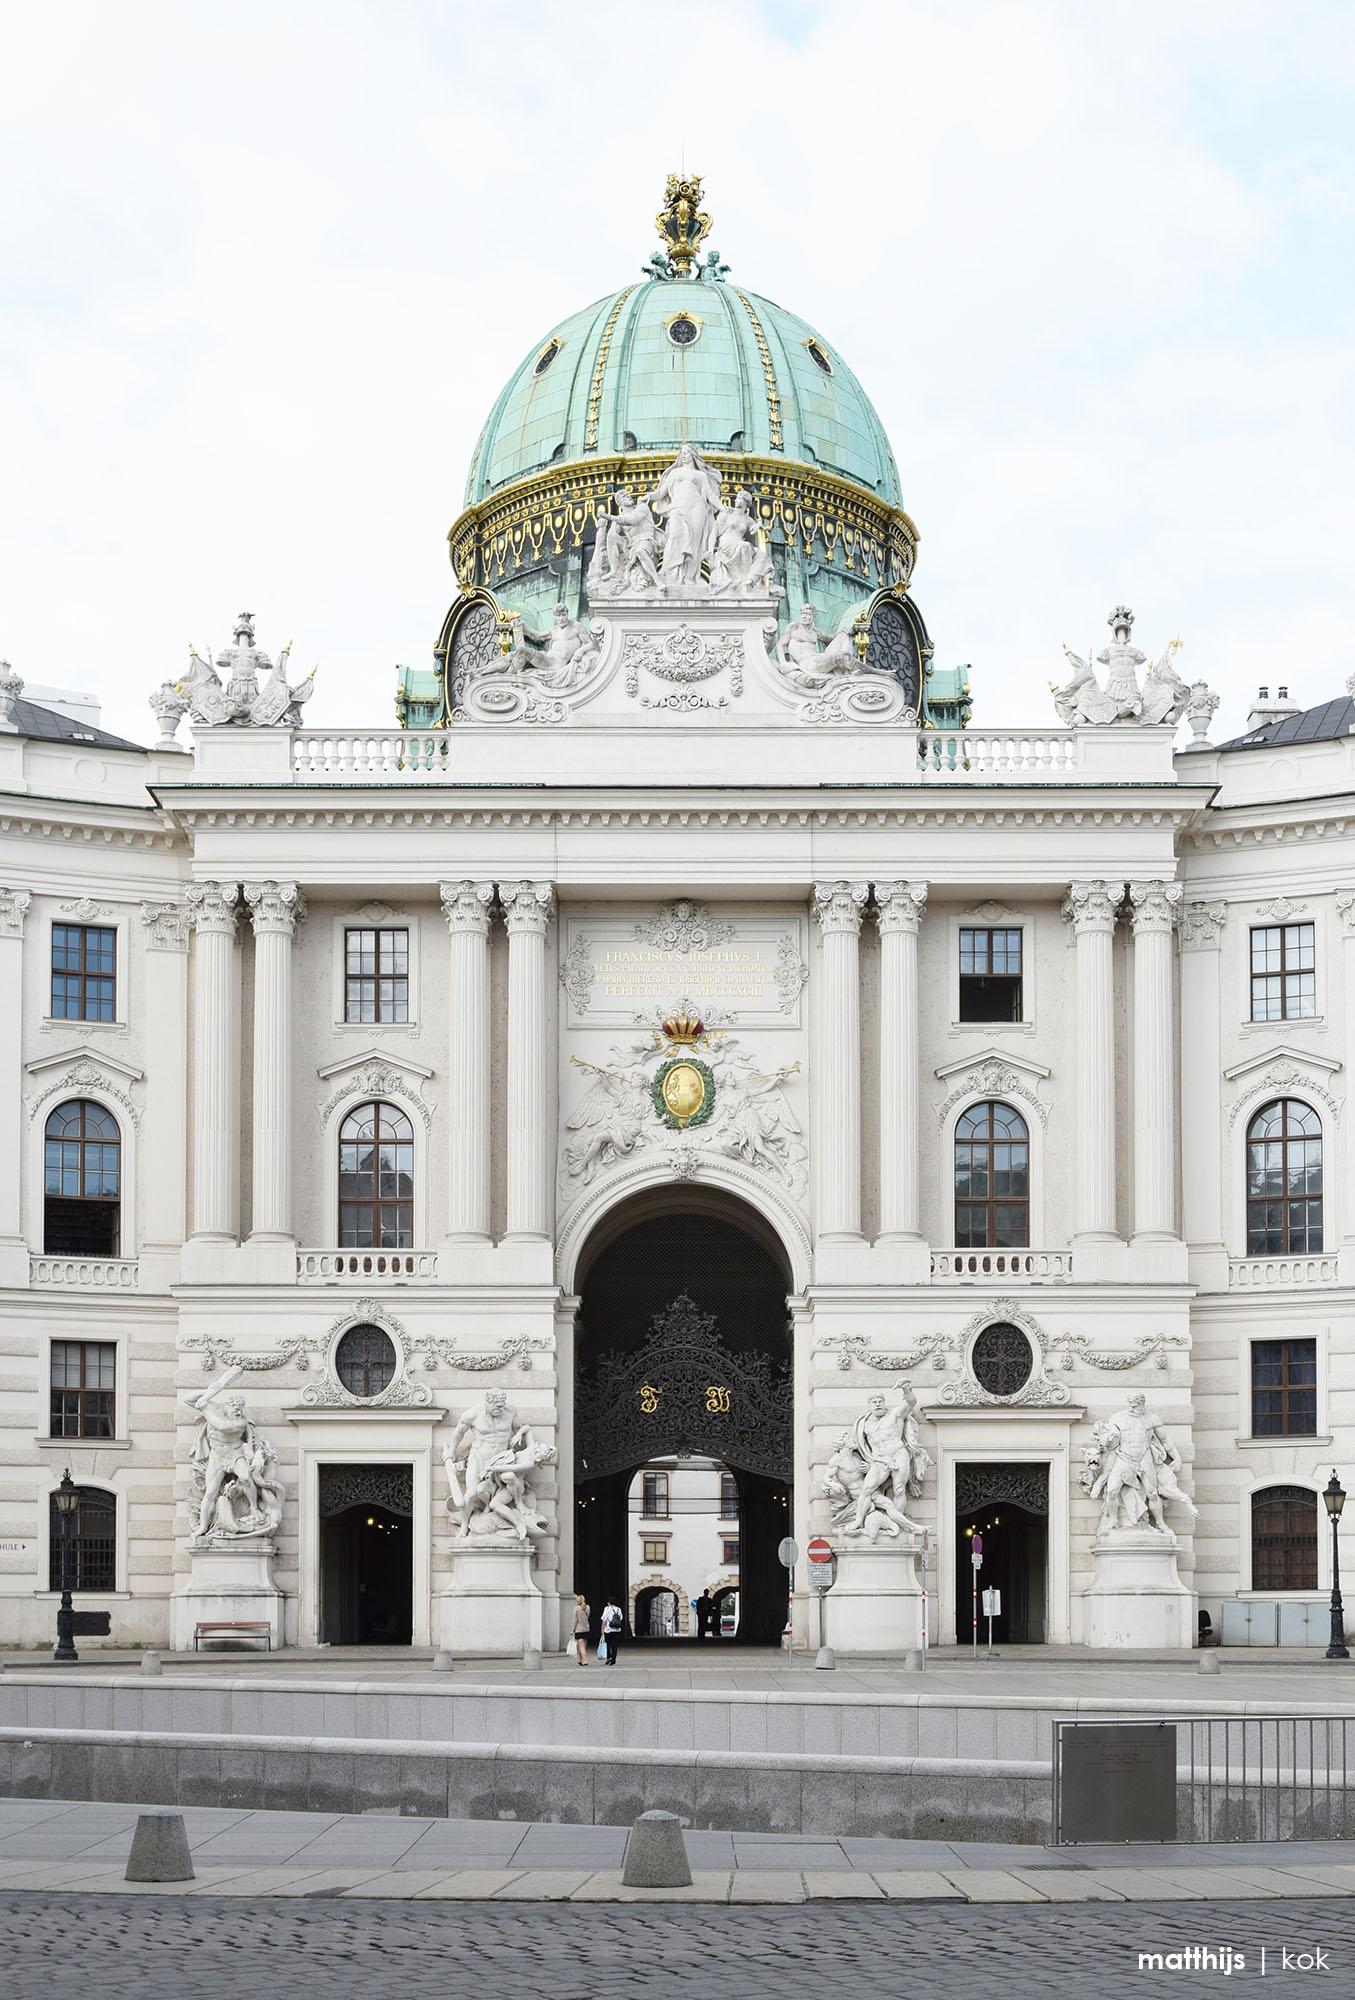 Spanische Hofreitschule, Vienna, Austria | Photo by Matthijs Kok